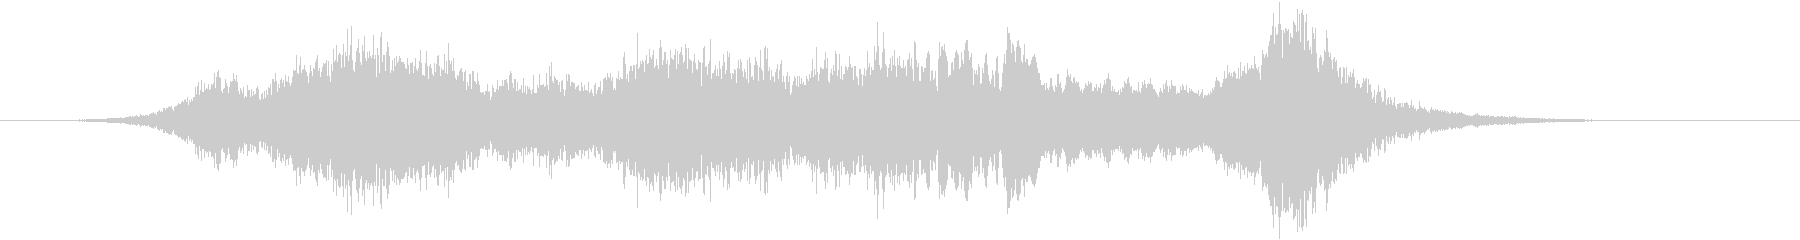 迫力のタイトルロゴ(宇宙・SFホラー)の未再生の波形